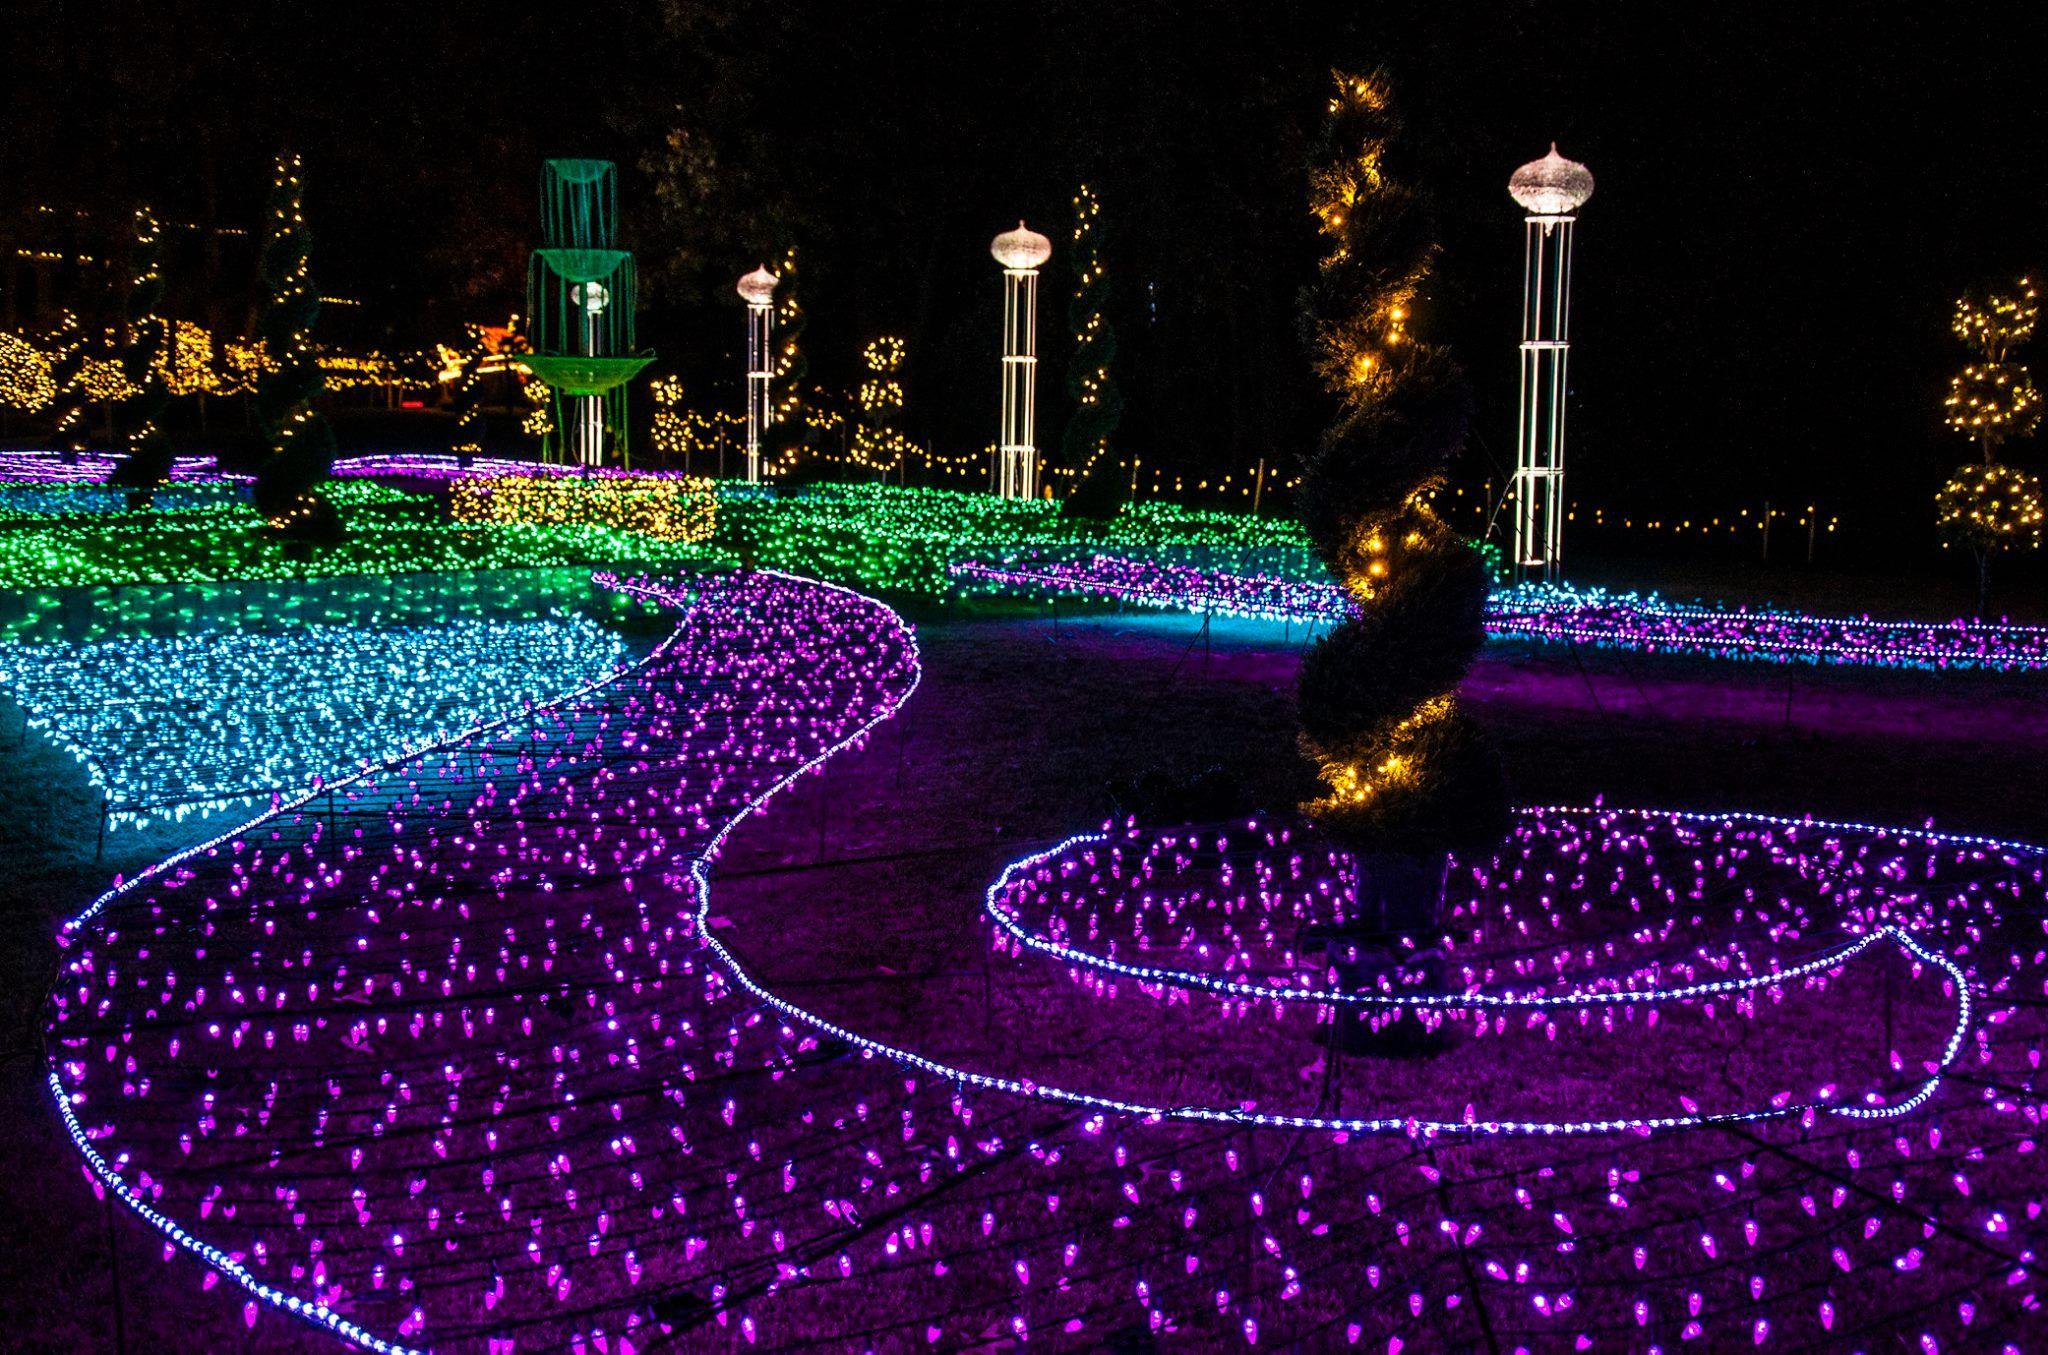 b854201fbd708dc34a6f8968bab743d1 - Garvan Gardens Hot Springs Christmas Lights